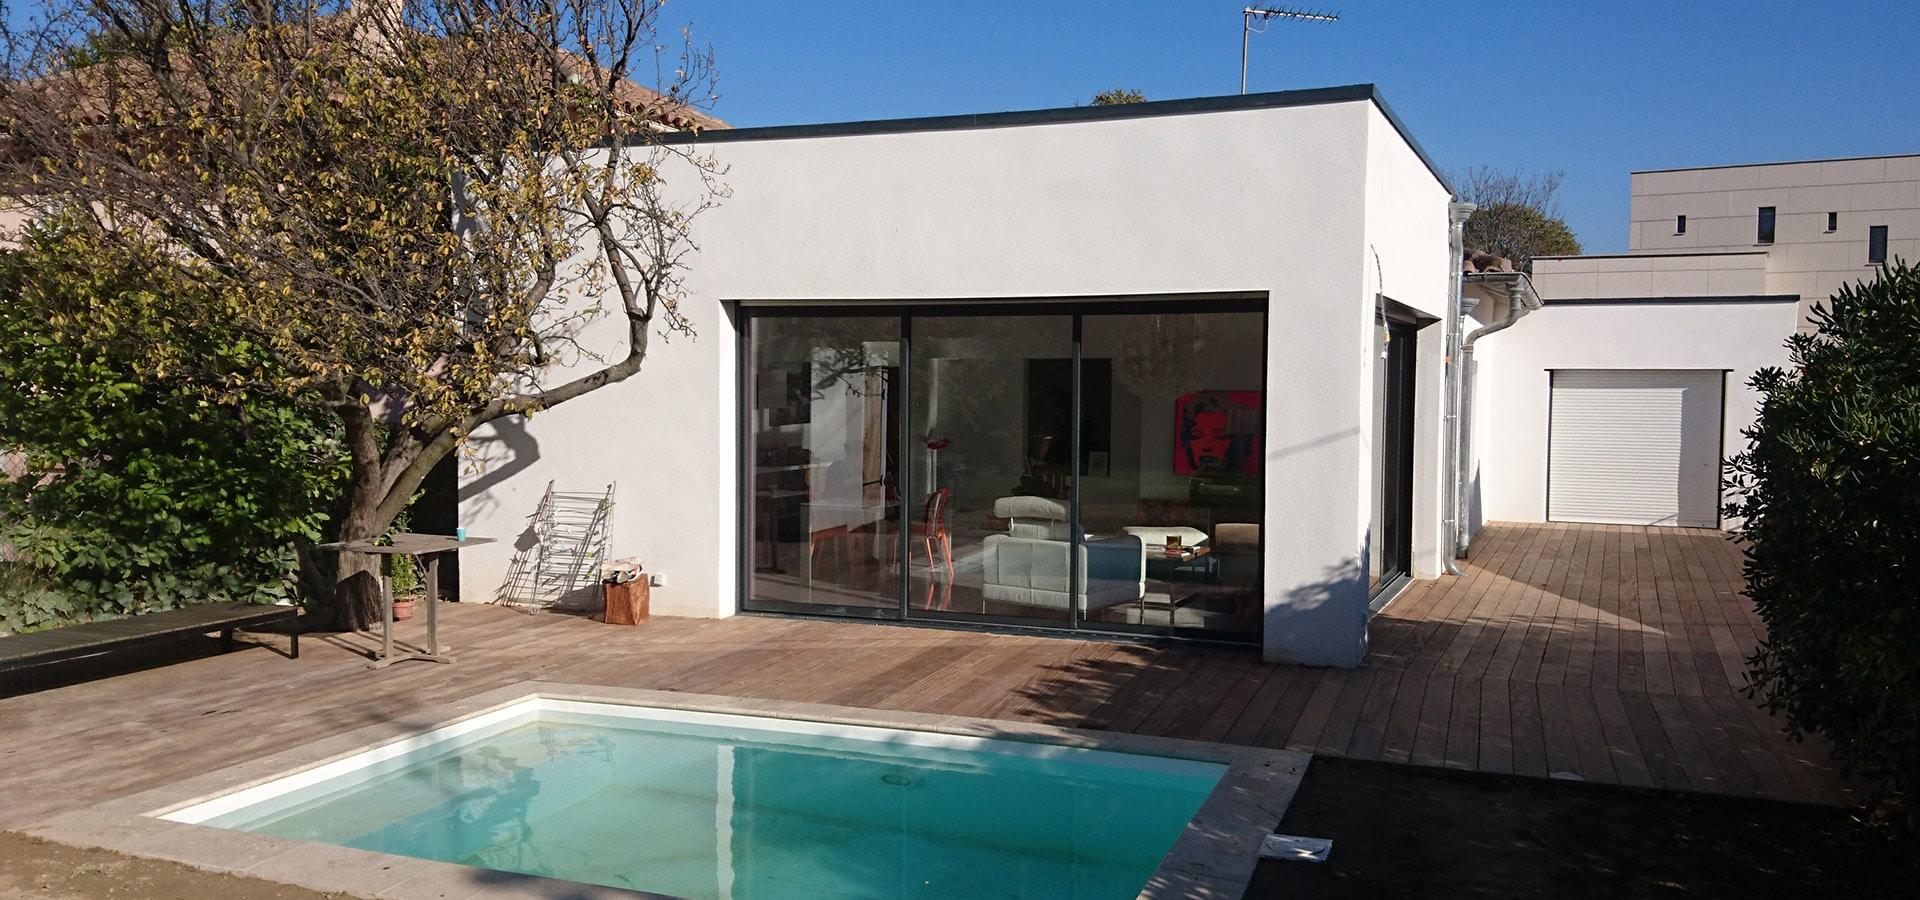 Entreprise De Maçonnerie Aix En Provence construction piscine aix-en-provence : votre pisciniste à aix